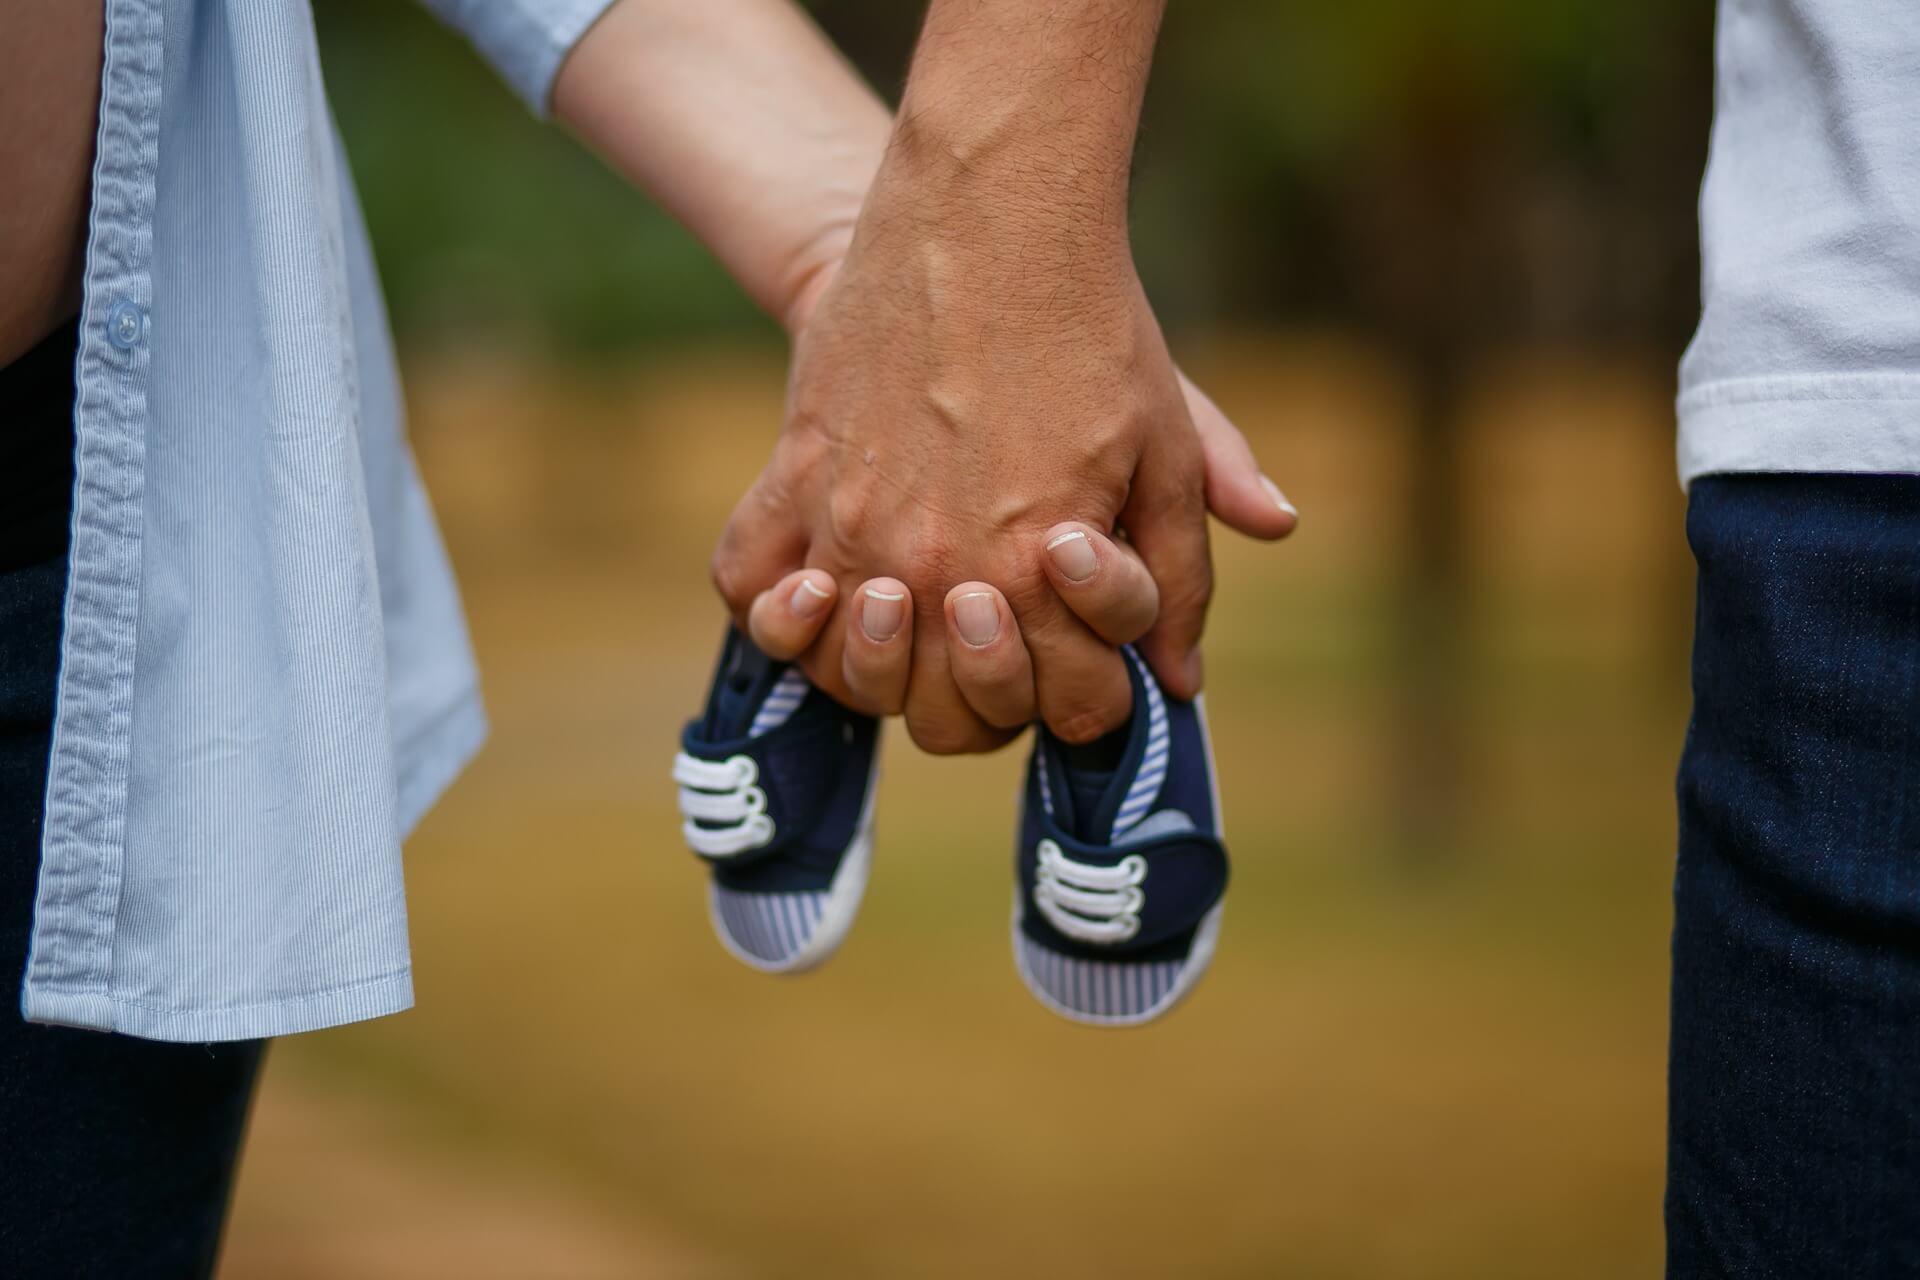 Mani unite che sorreggo delle scarpine